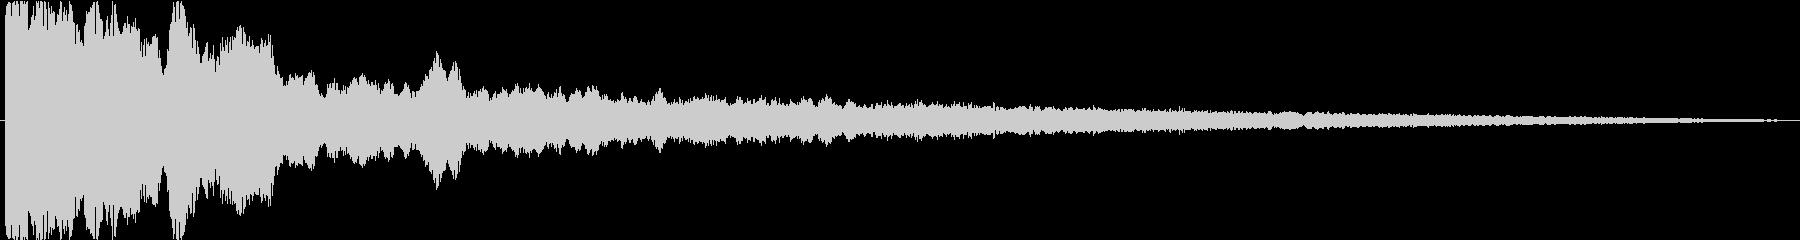 決定音・心情・驚きのある場面効果音の未再生の波形